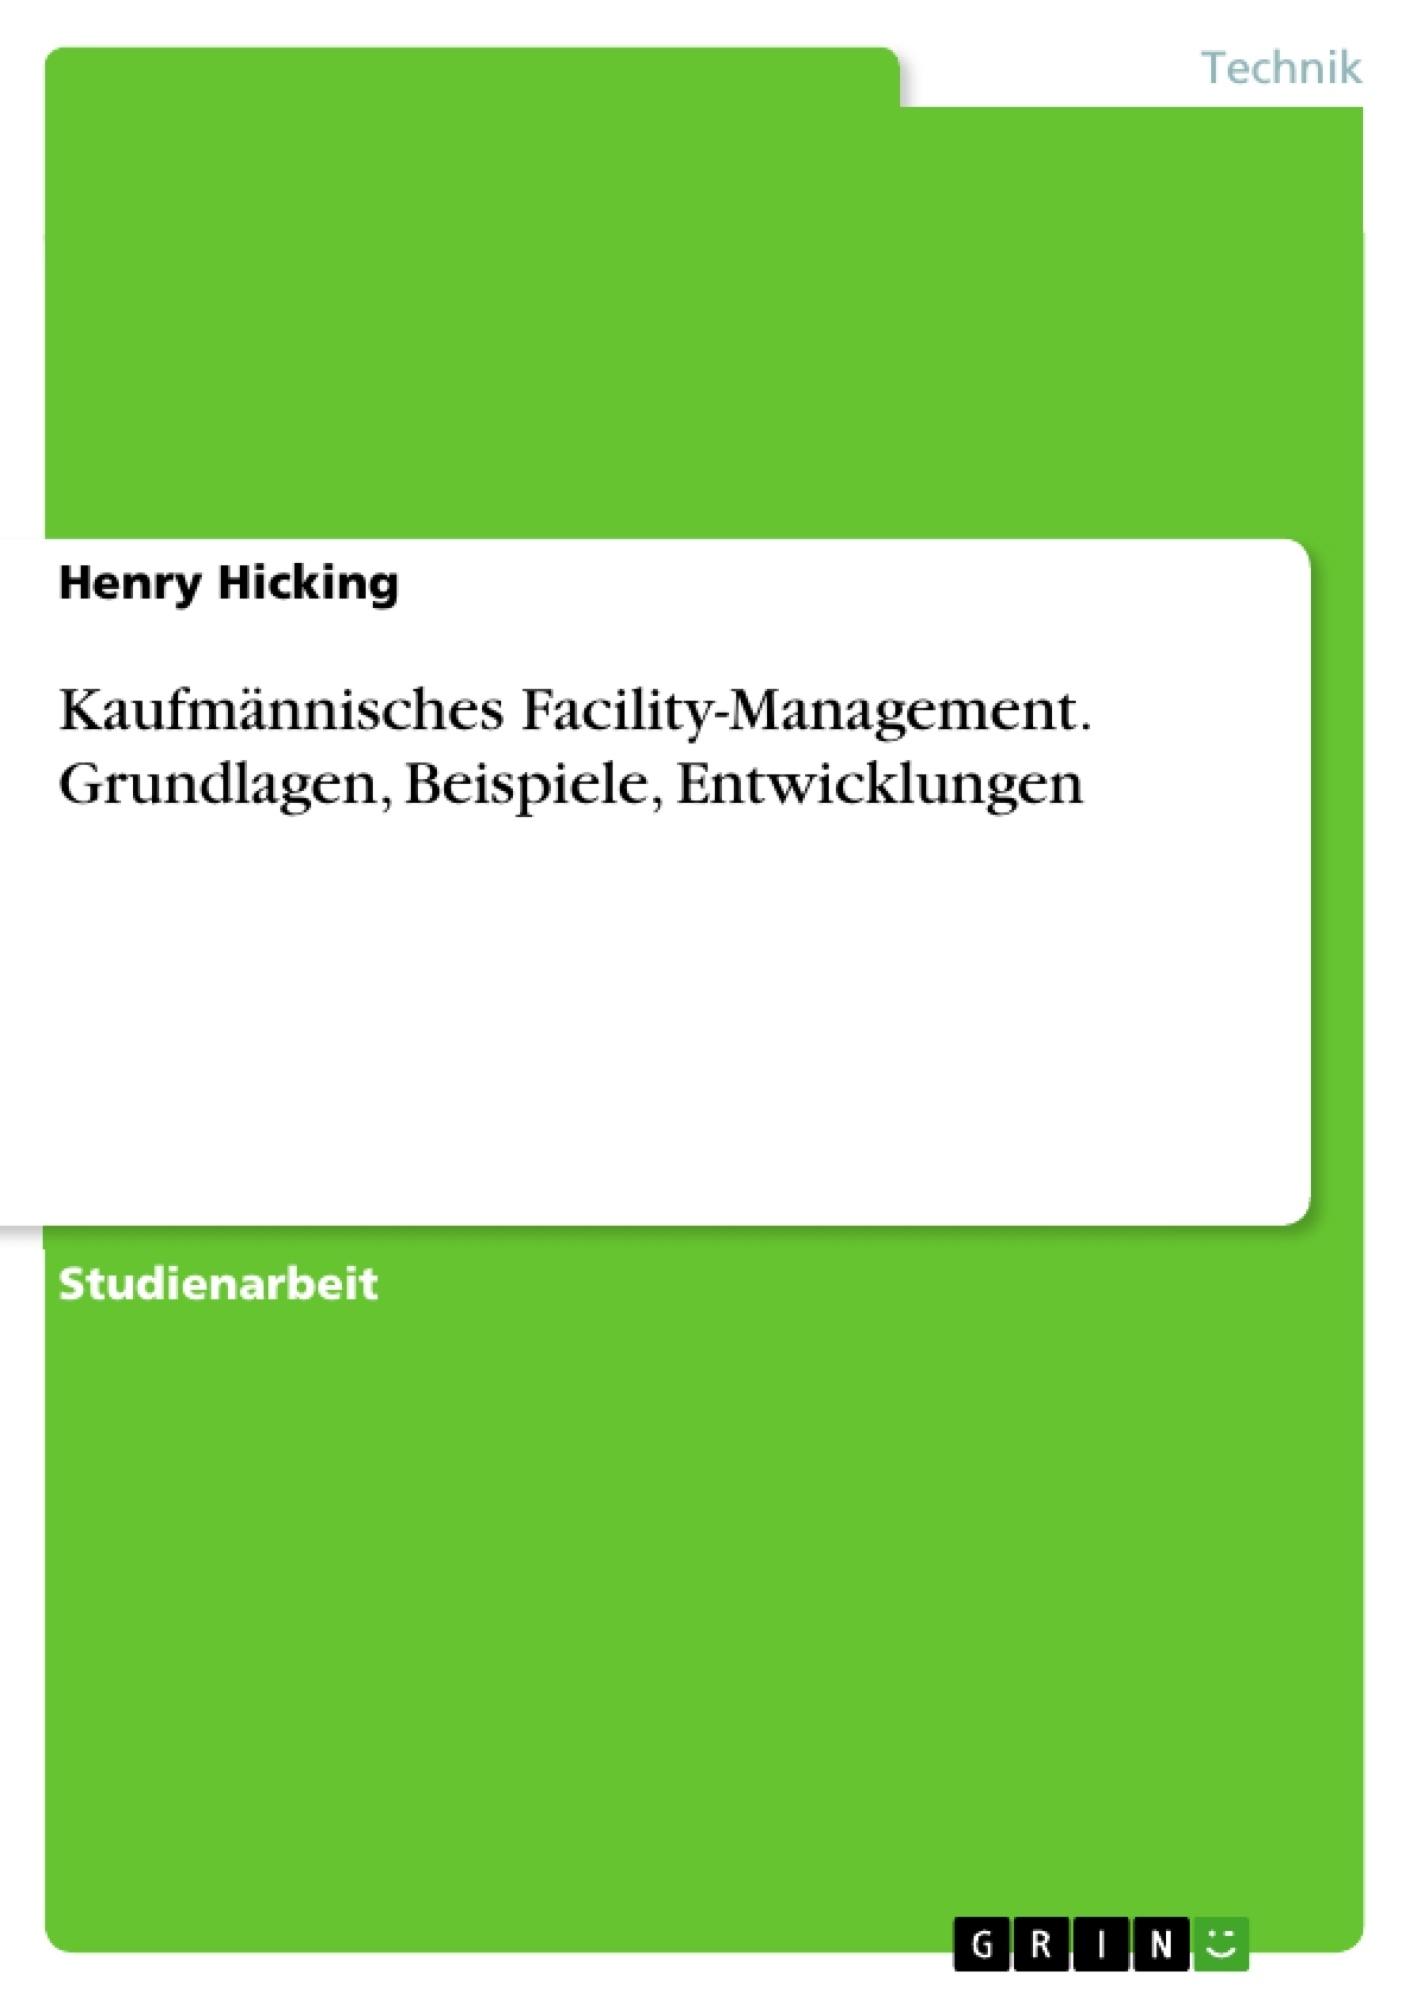 Titel: Kaufmännisches Facility-Management. Grundlagen, Beispiele, Entwicklungen